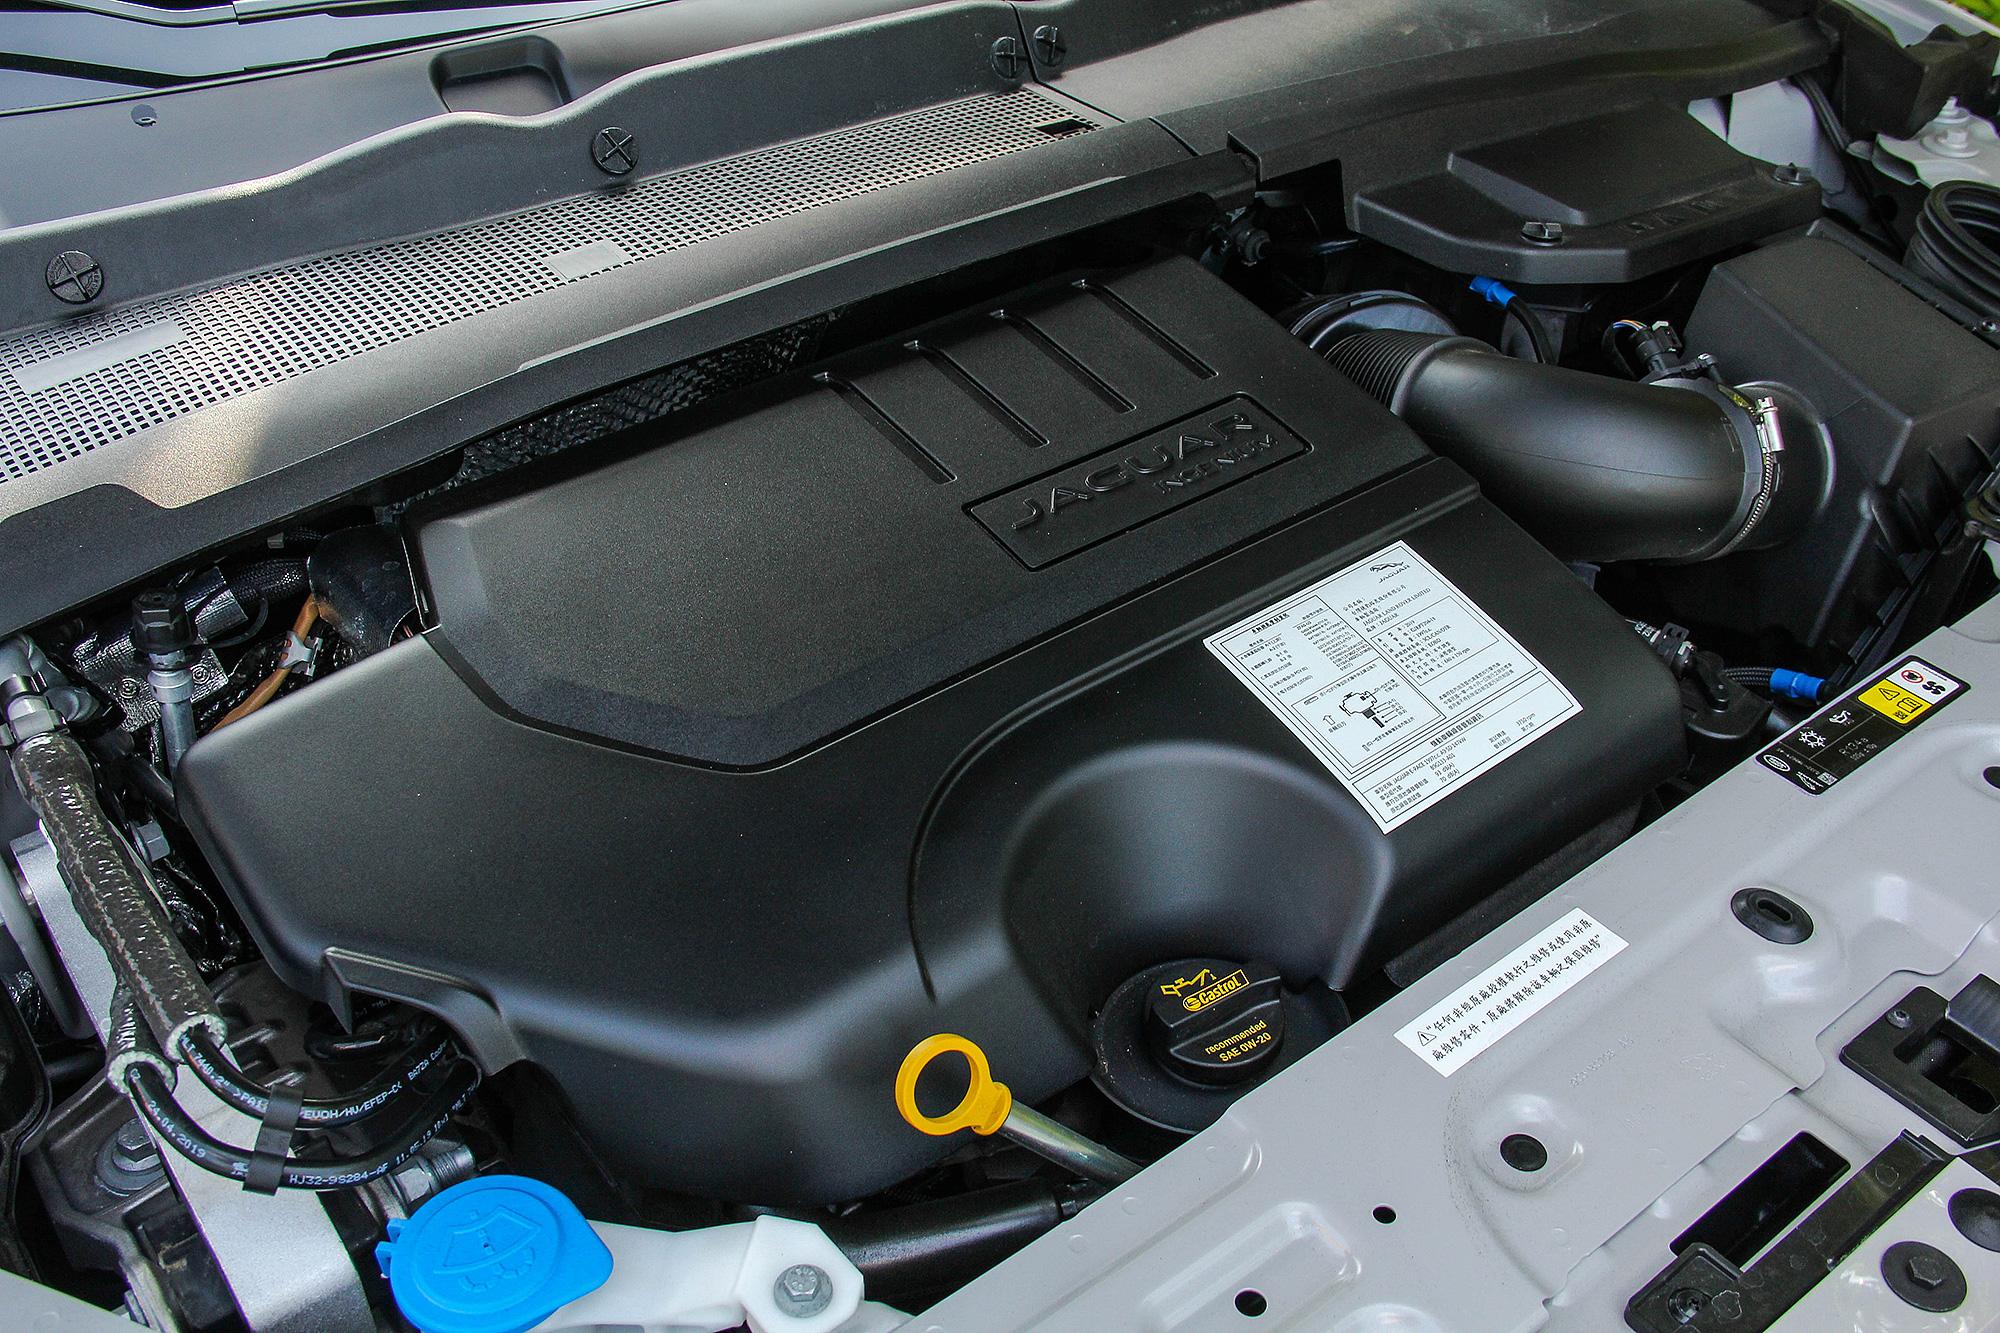 全新導入的 P200 汽油動力,取代原先的柴油動力車型。